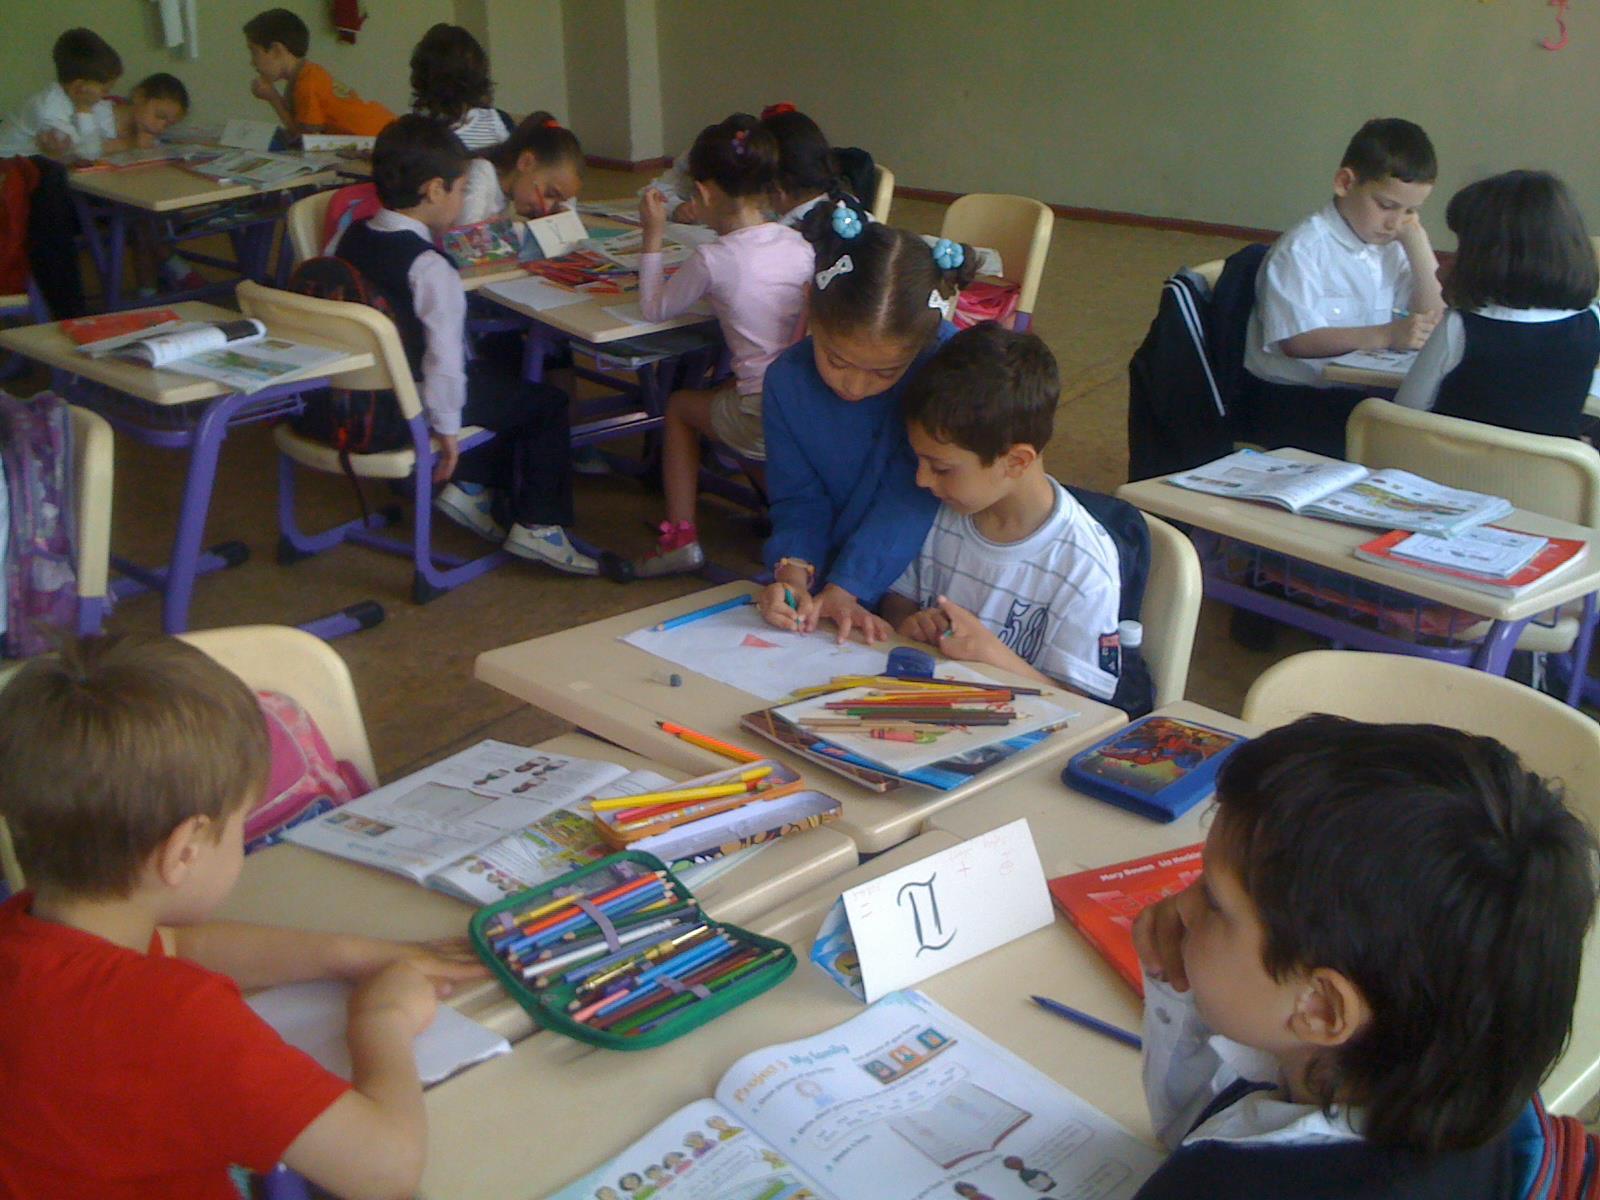 Pierwszaki w szkole w Kutaisi, Gruzja.